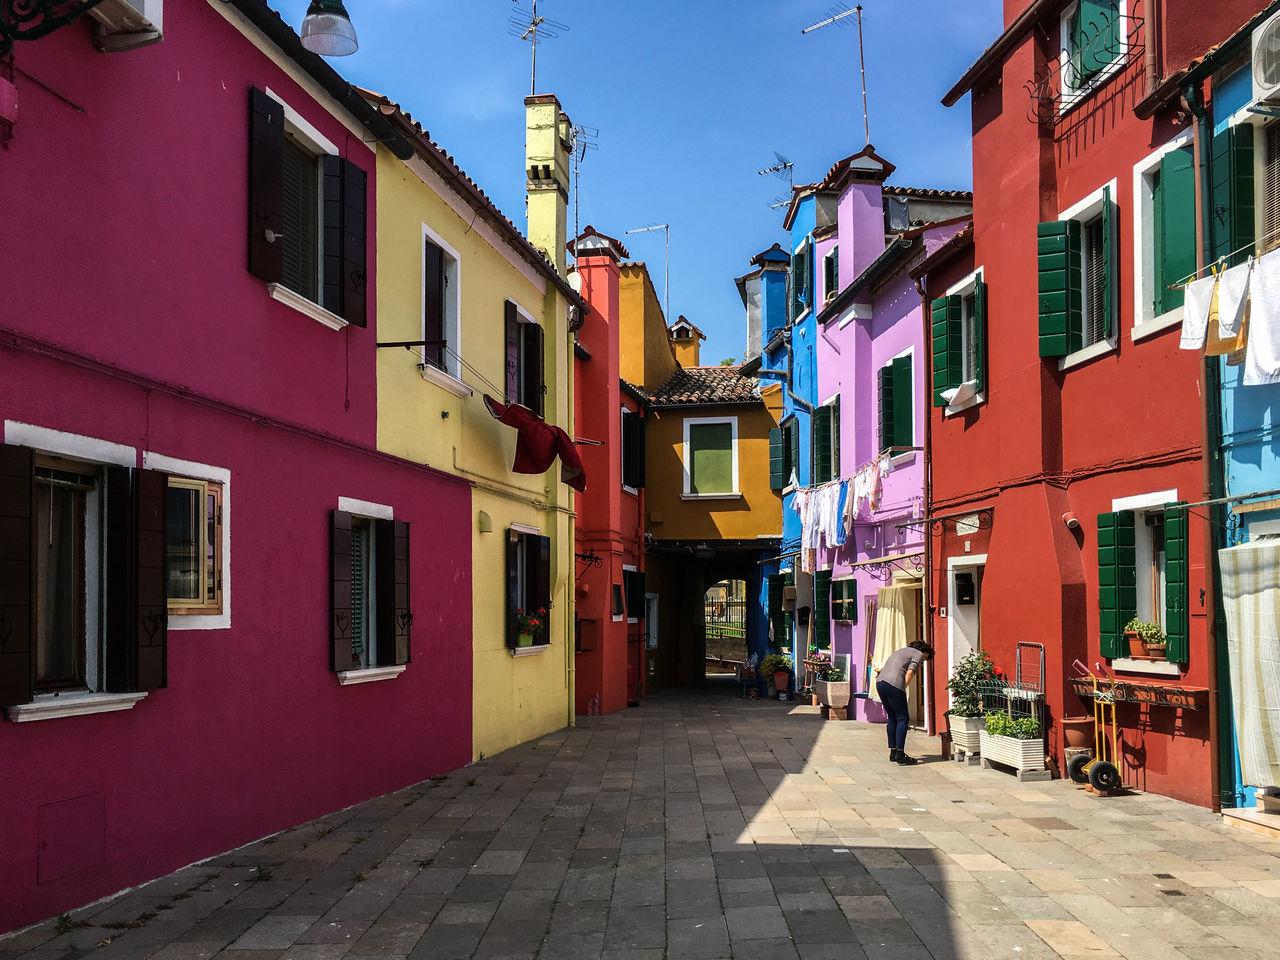 Couleurs de Burano à quelques encablures de Venise Architecture colorful Colors facades Fischerman house front linen outdoor quaint house Market Bestsellers 2017